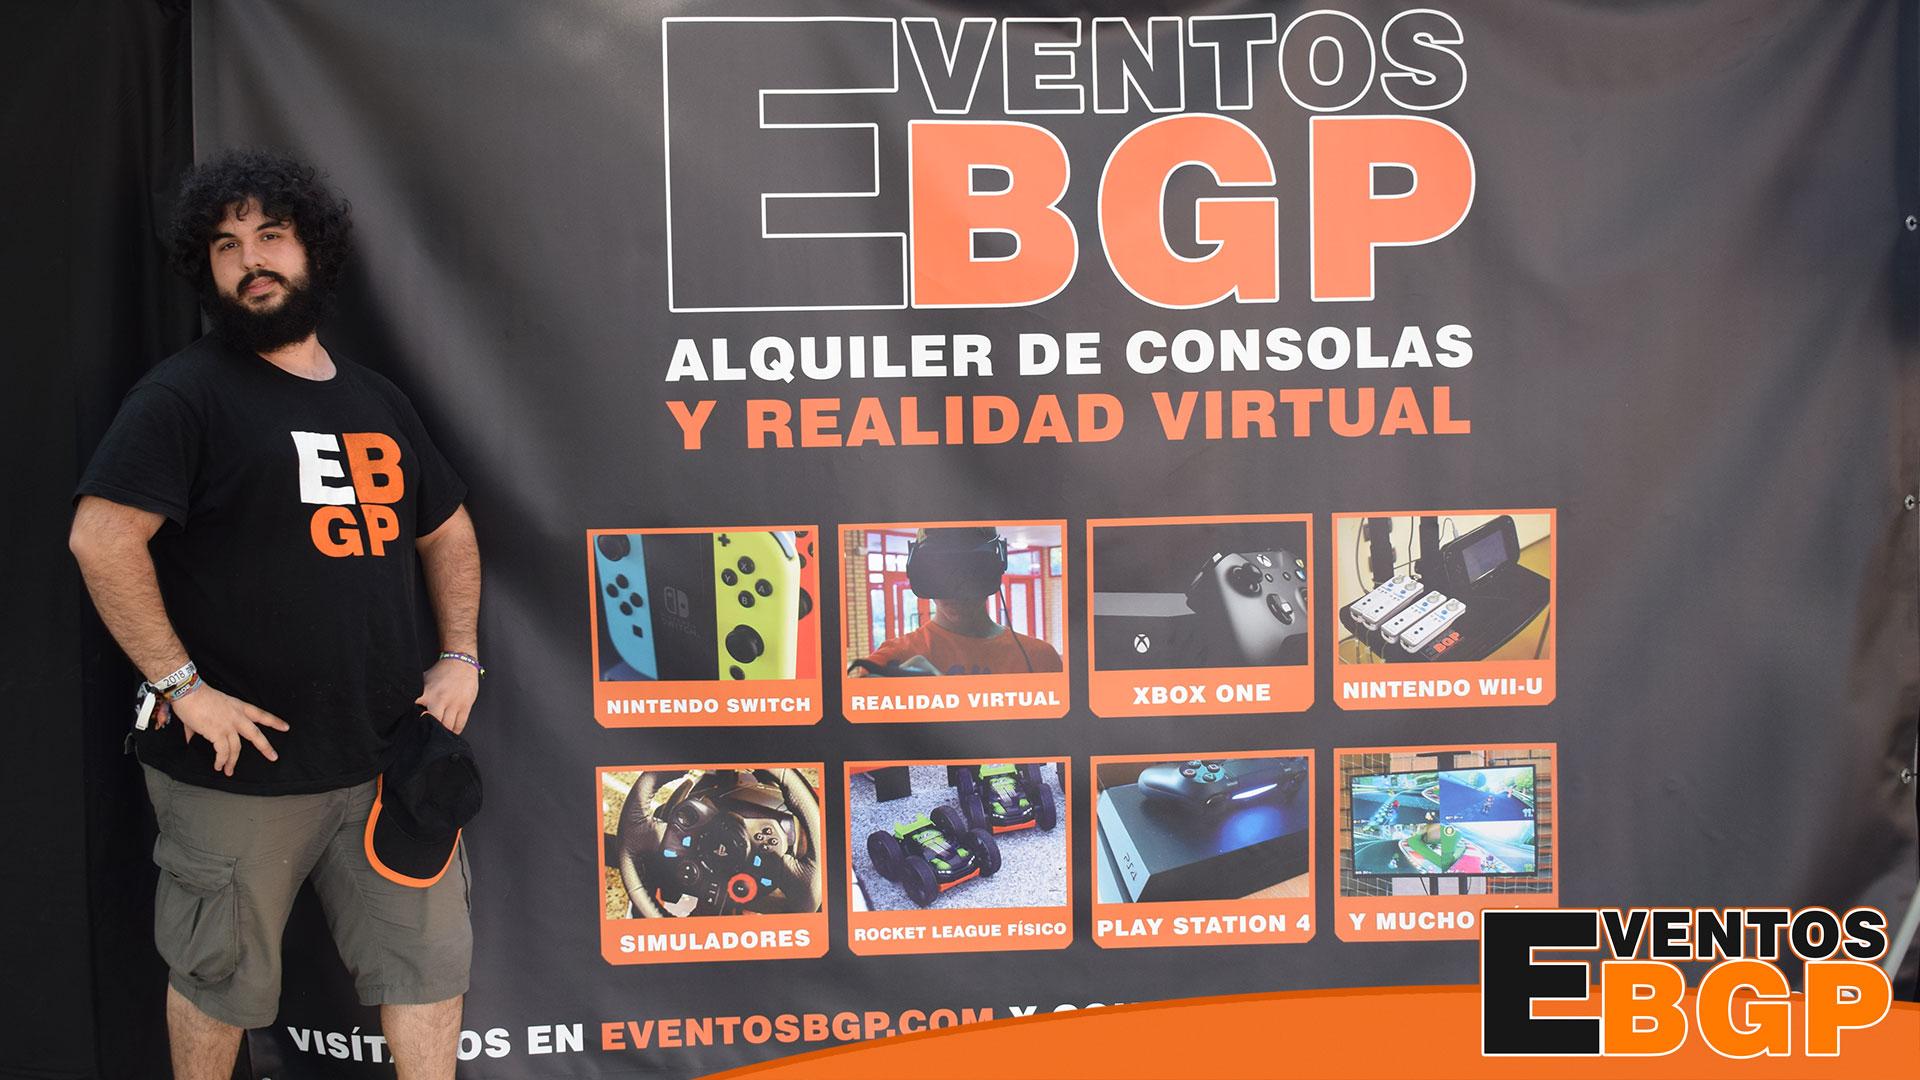 Xativa actividad de ocio alternativo con videojuegos para jóvenes con Eventos BGP